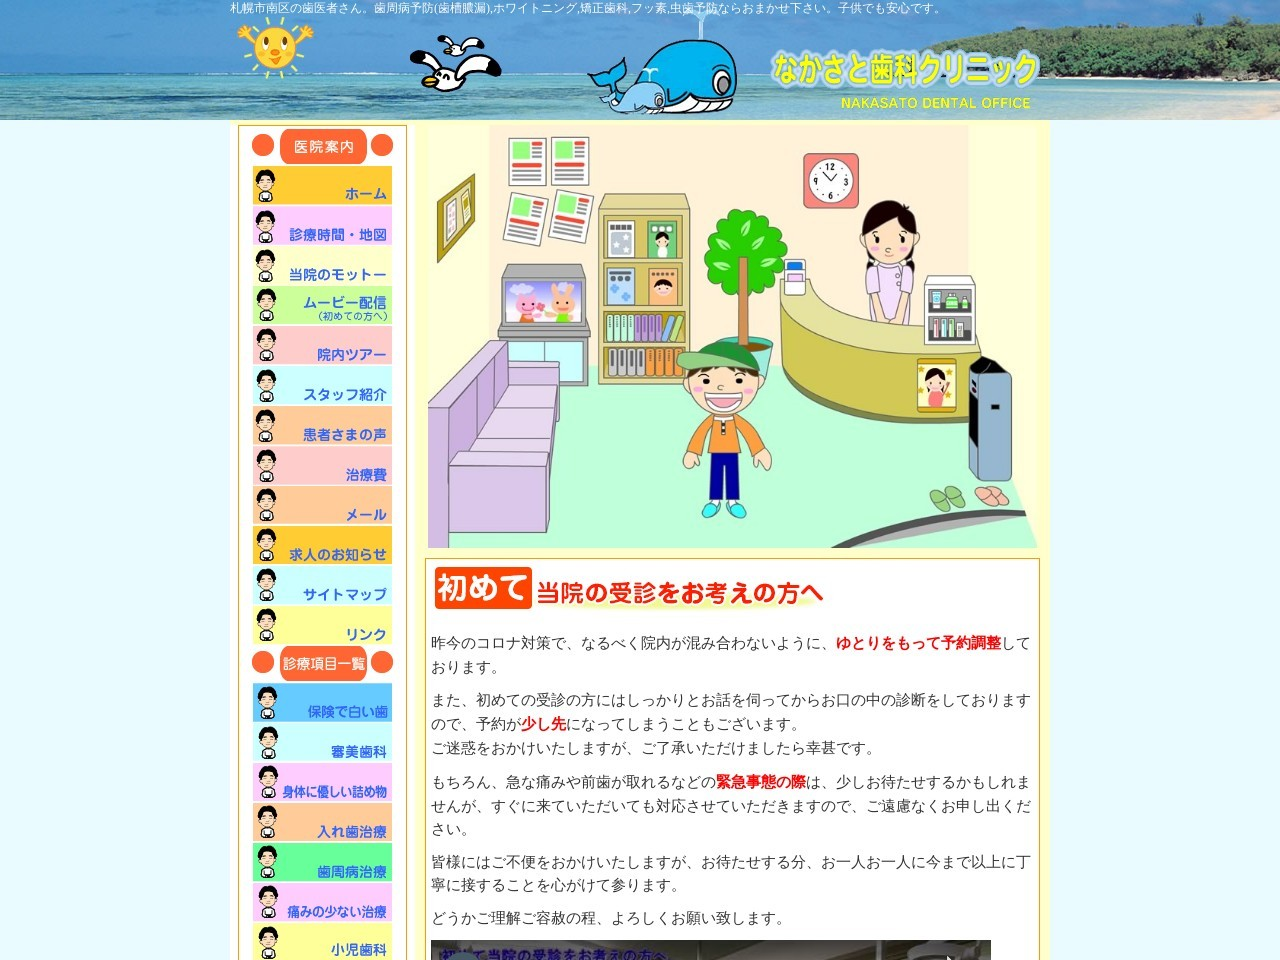 なかさと歯科クリニック (北海道札幌市南区)